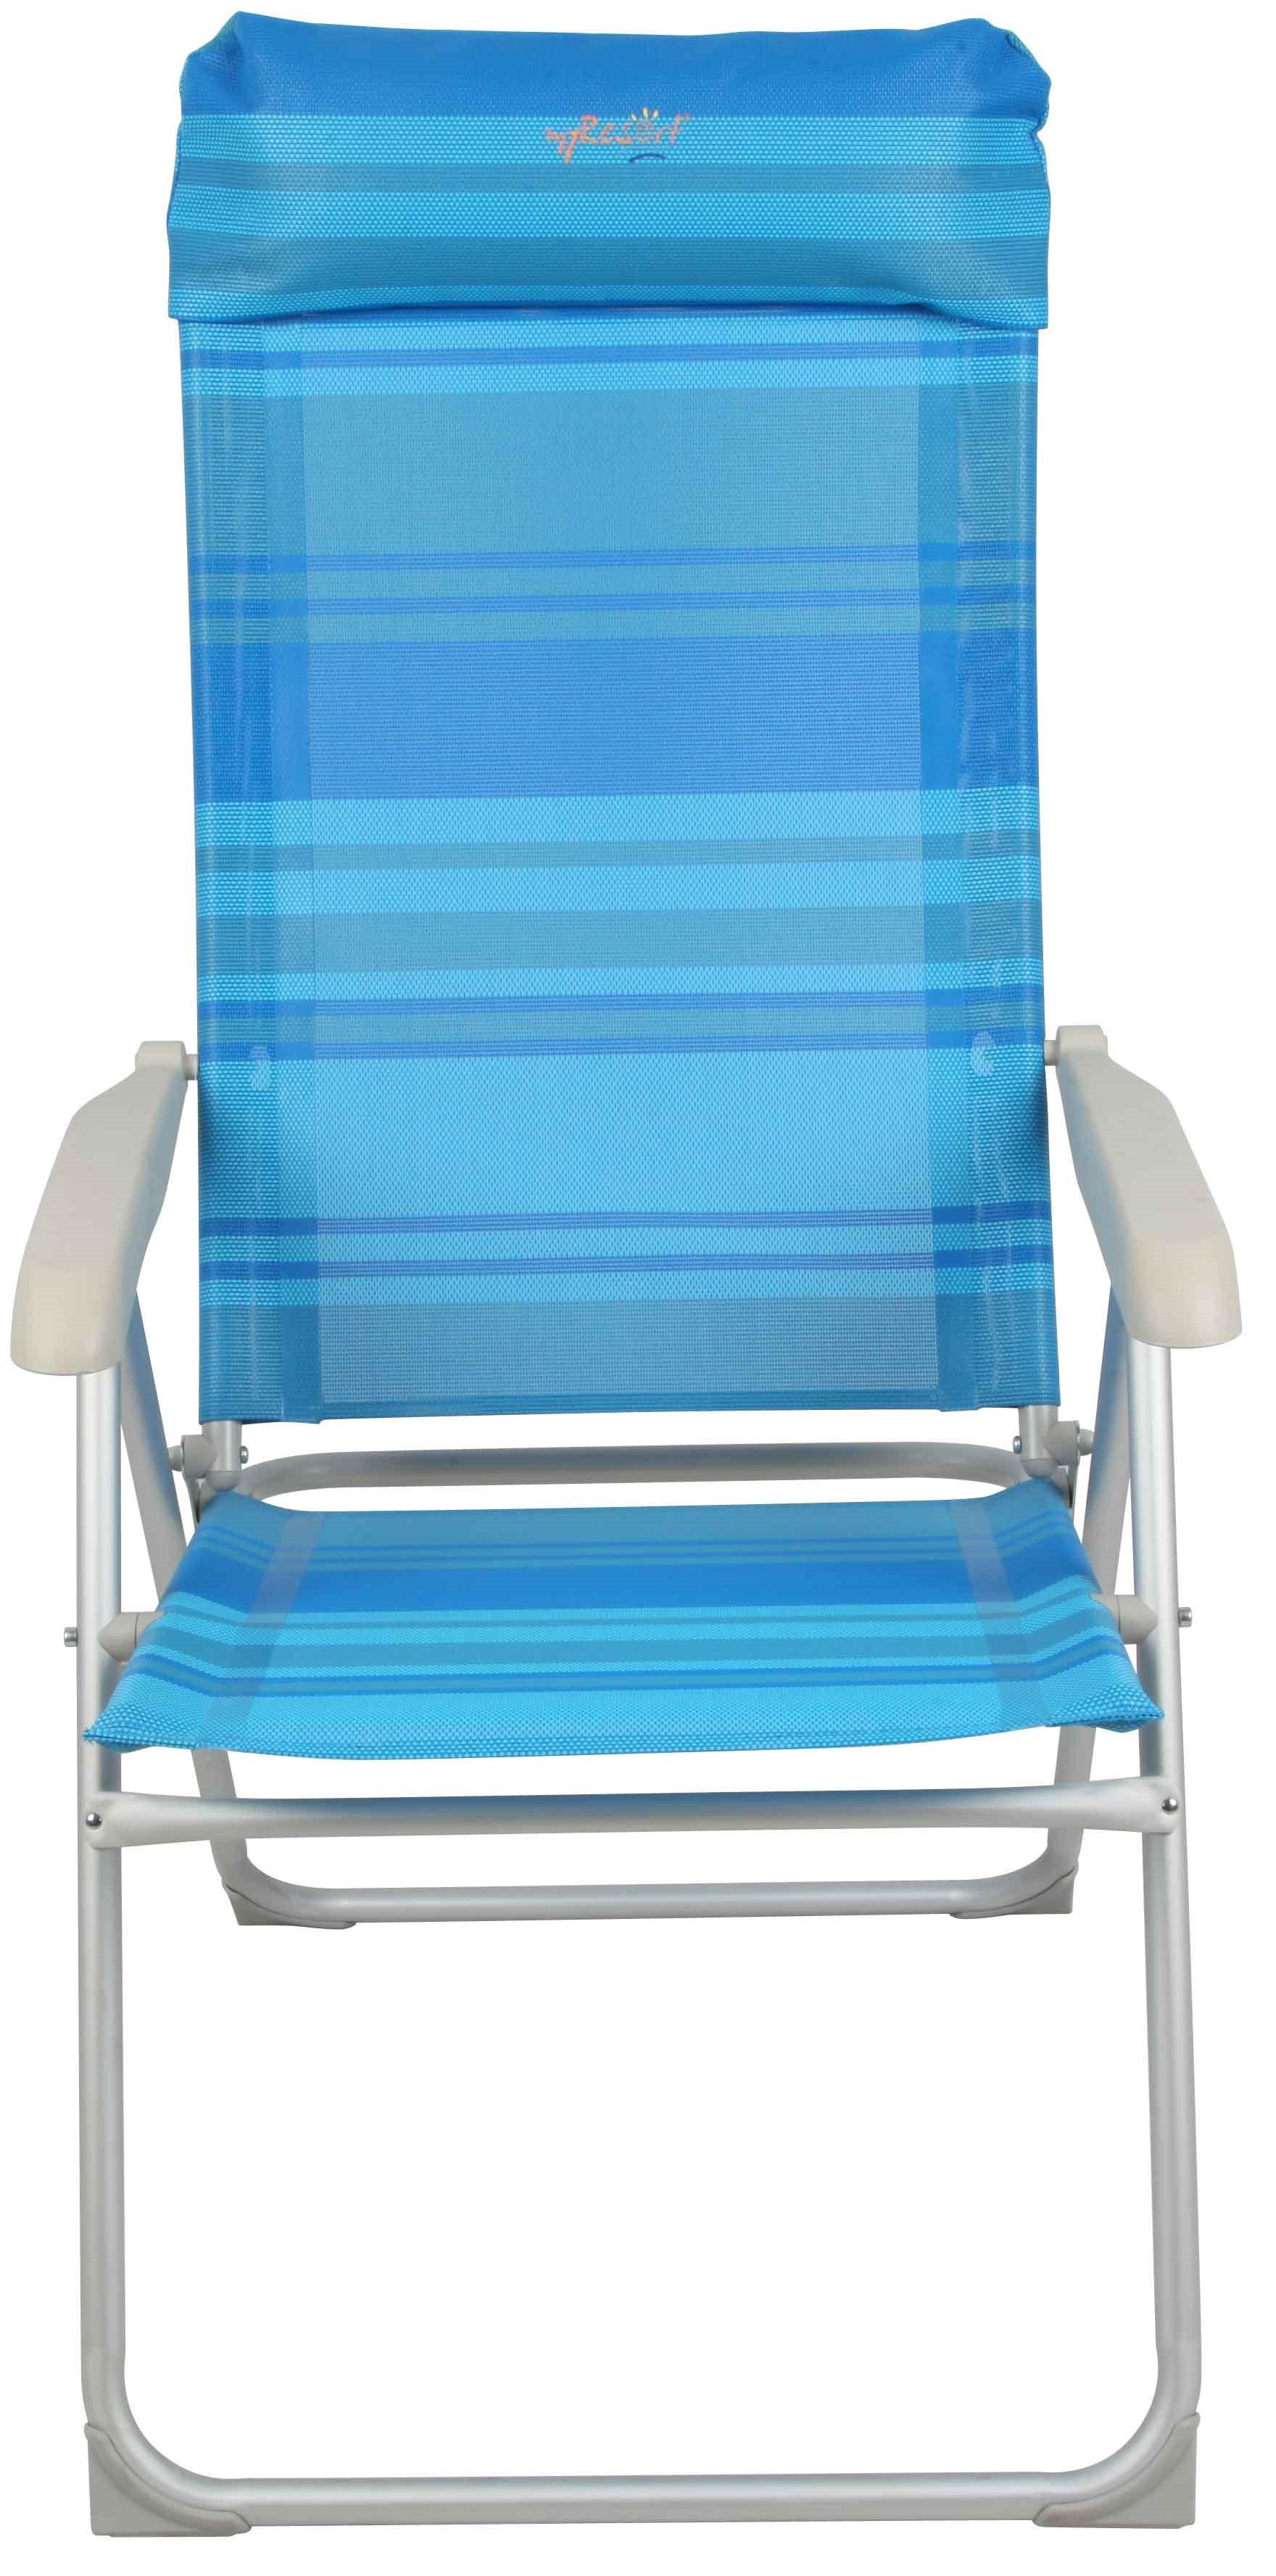 MyResort καρέκλα παραλίας αλουμινίου-μετάλλου γαλάζιο  text